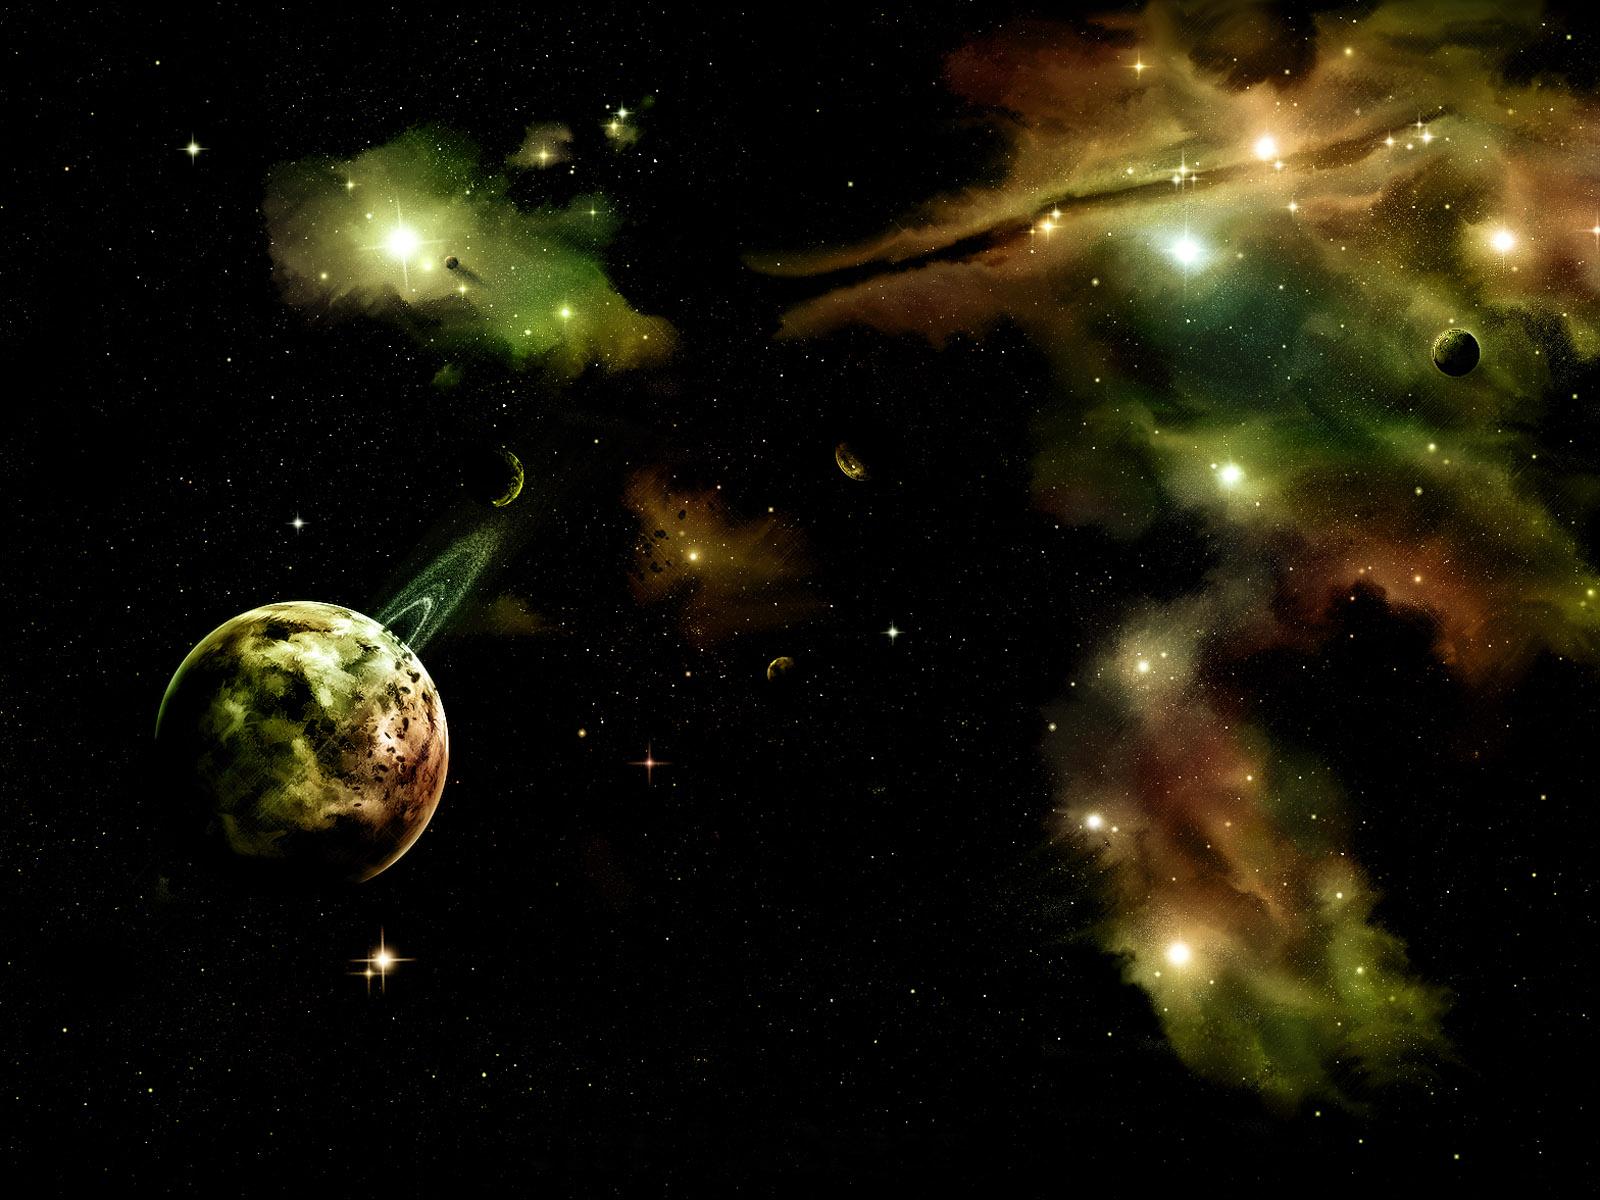 浪漫唯美宇宙星空高清壁纸(壁纸1)